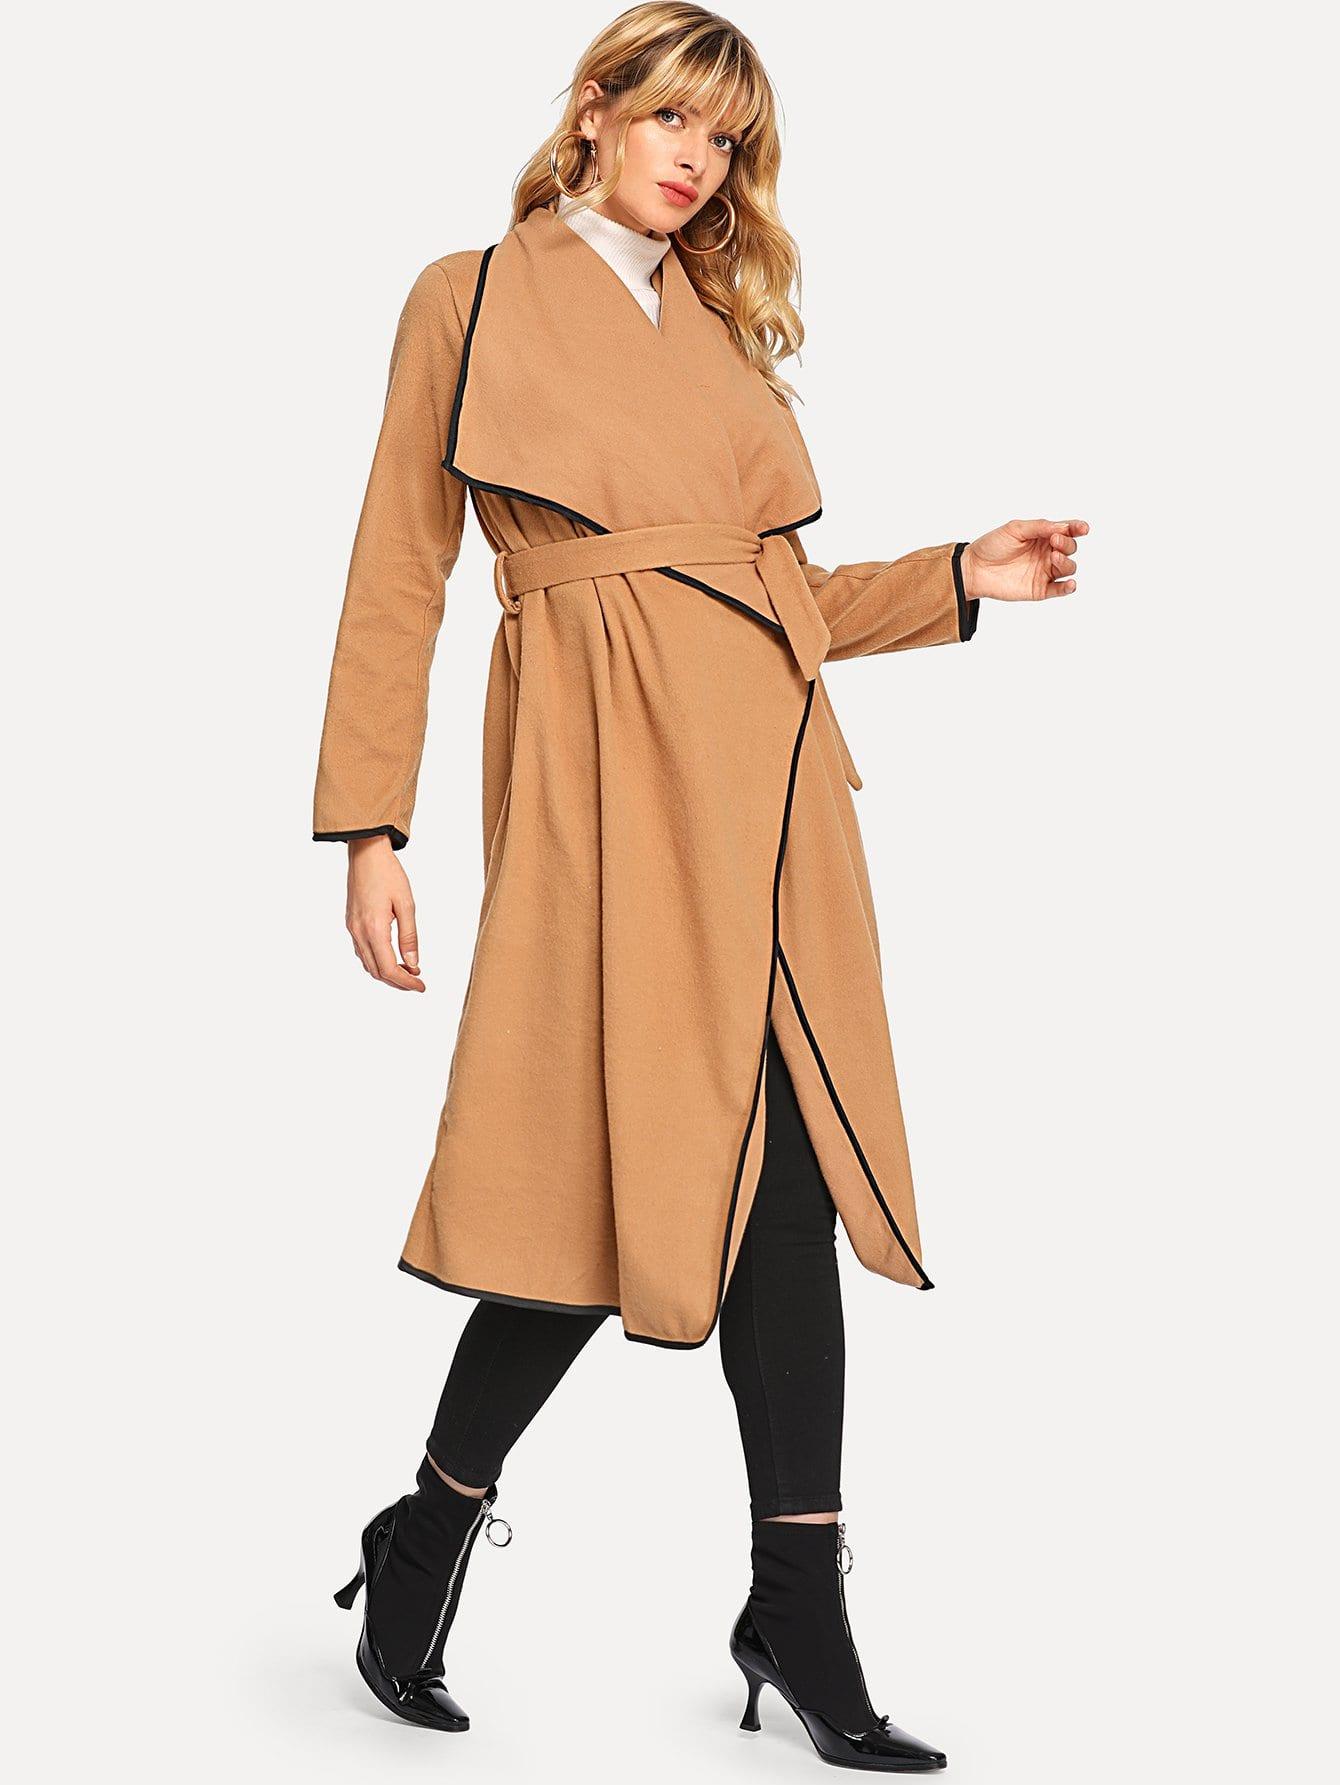 Купить Повседневный стиль с поясом пальто с запахом Желтовато бурый Пальто, Masha, SheIn